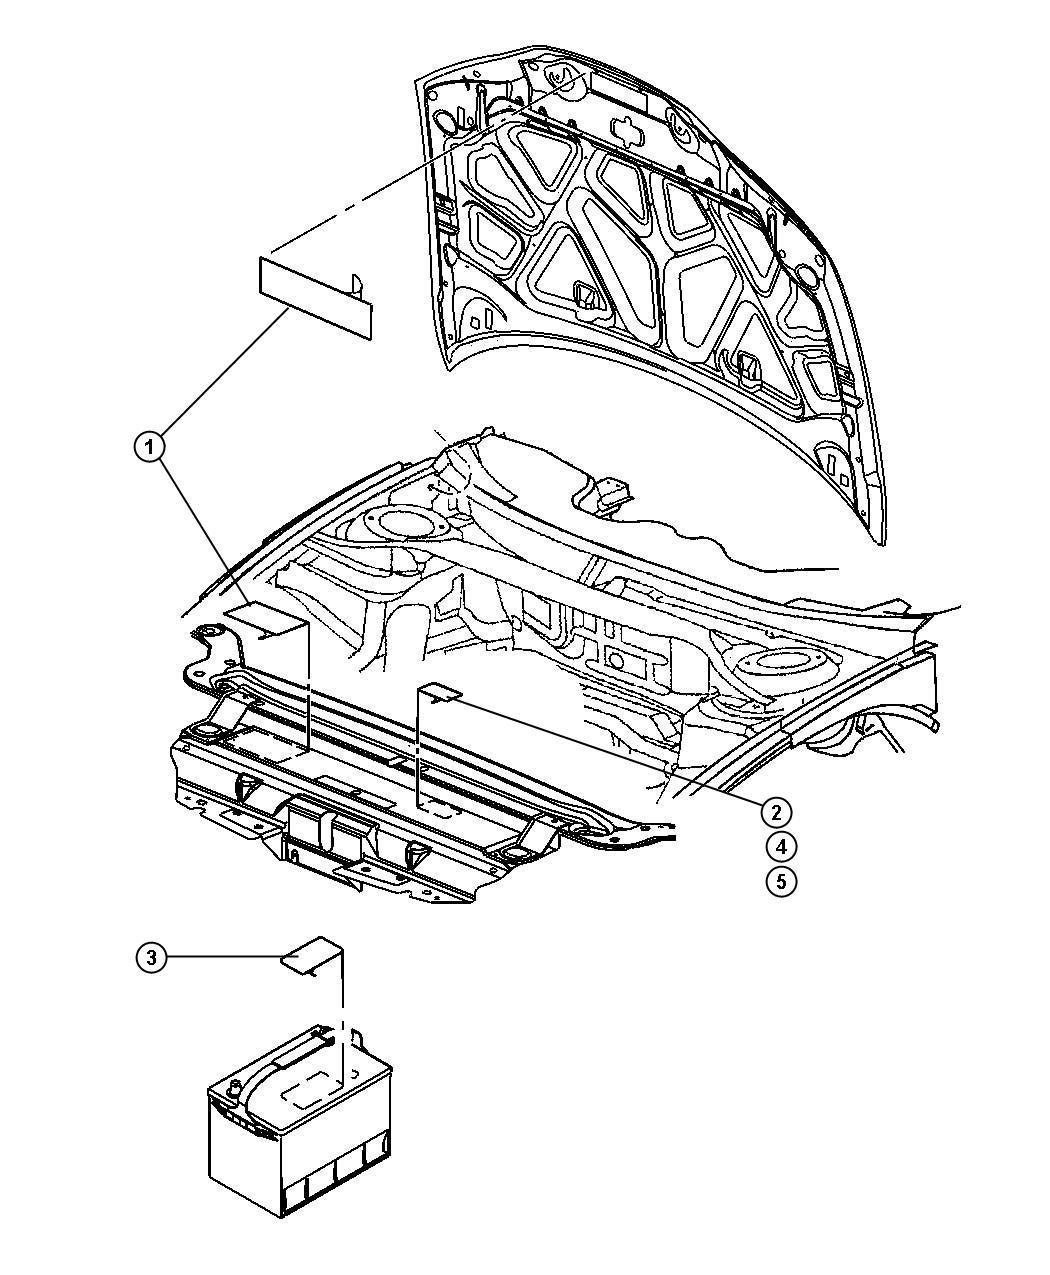 Dodge Magnum Label. Brake fluid warning, master cylinder